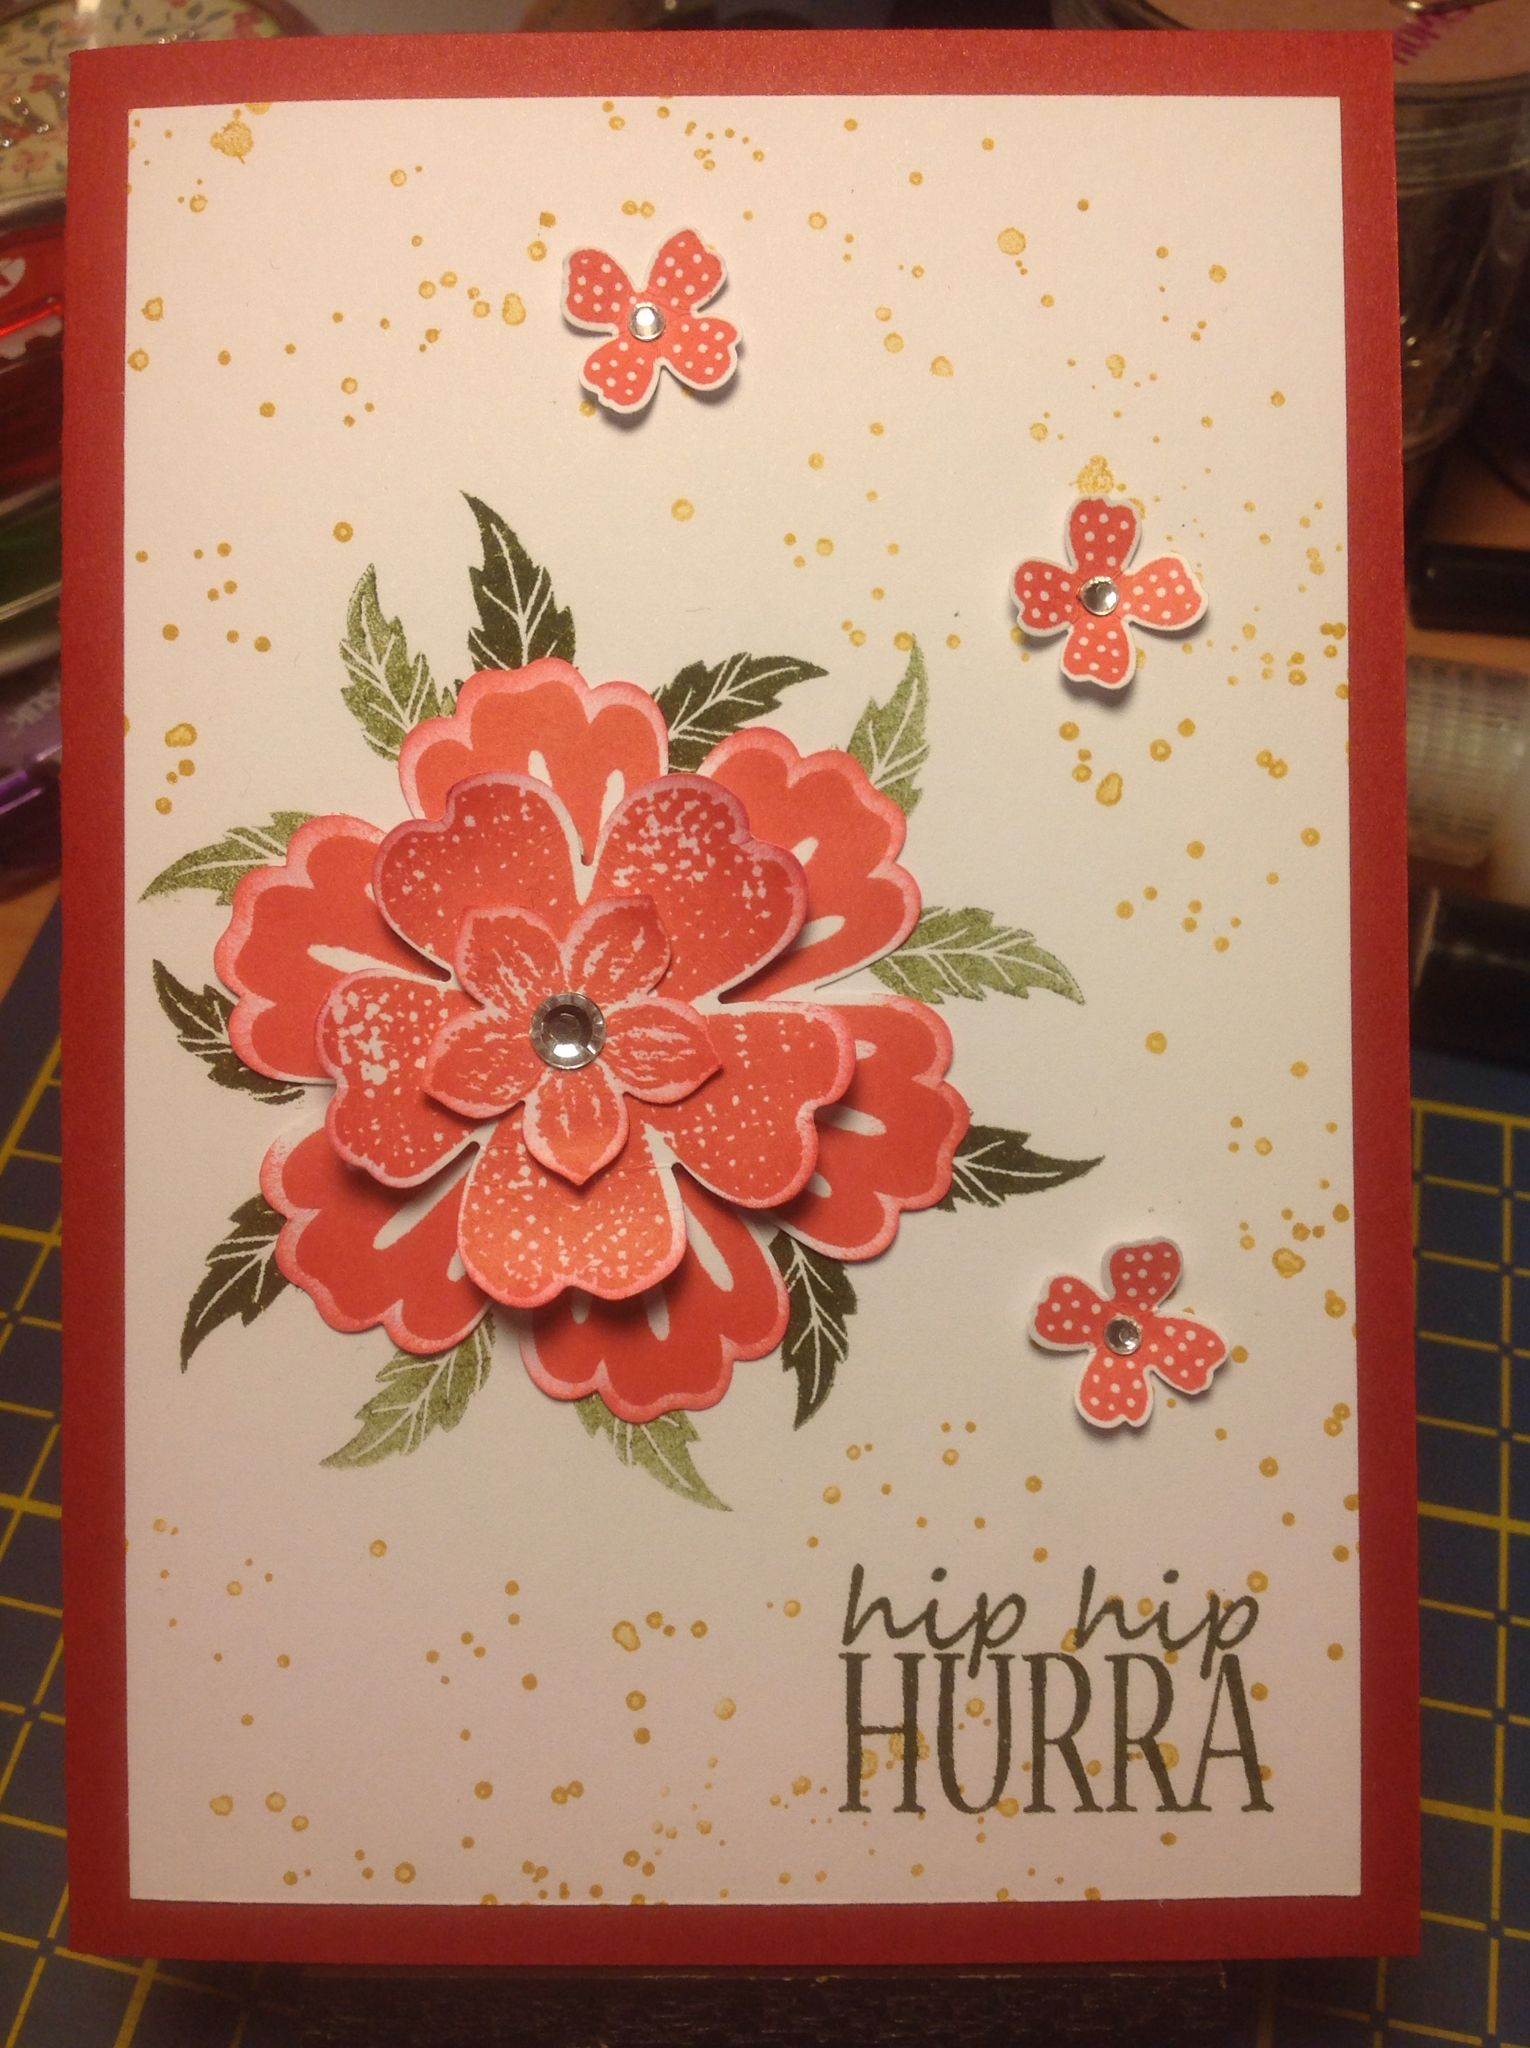 Blomster kort